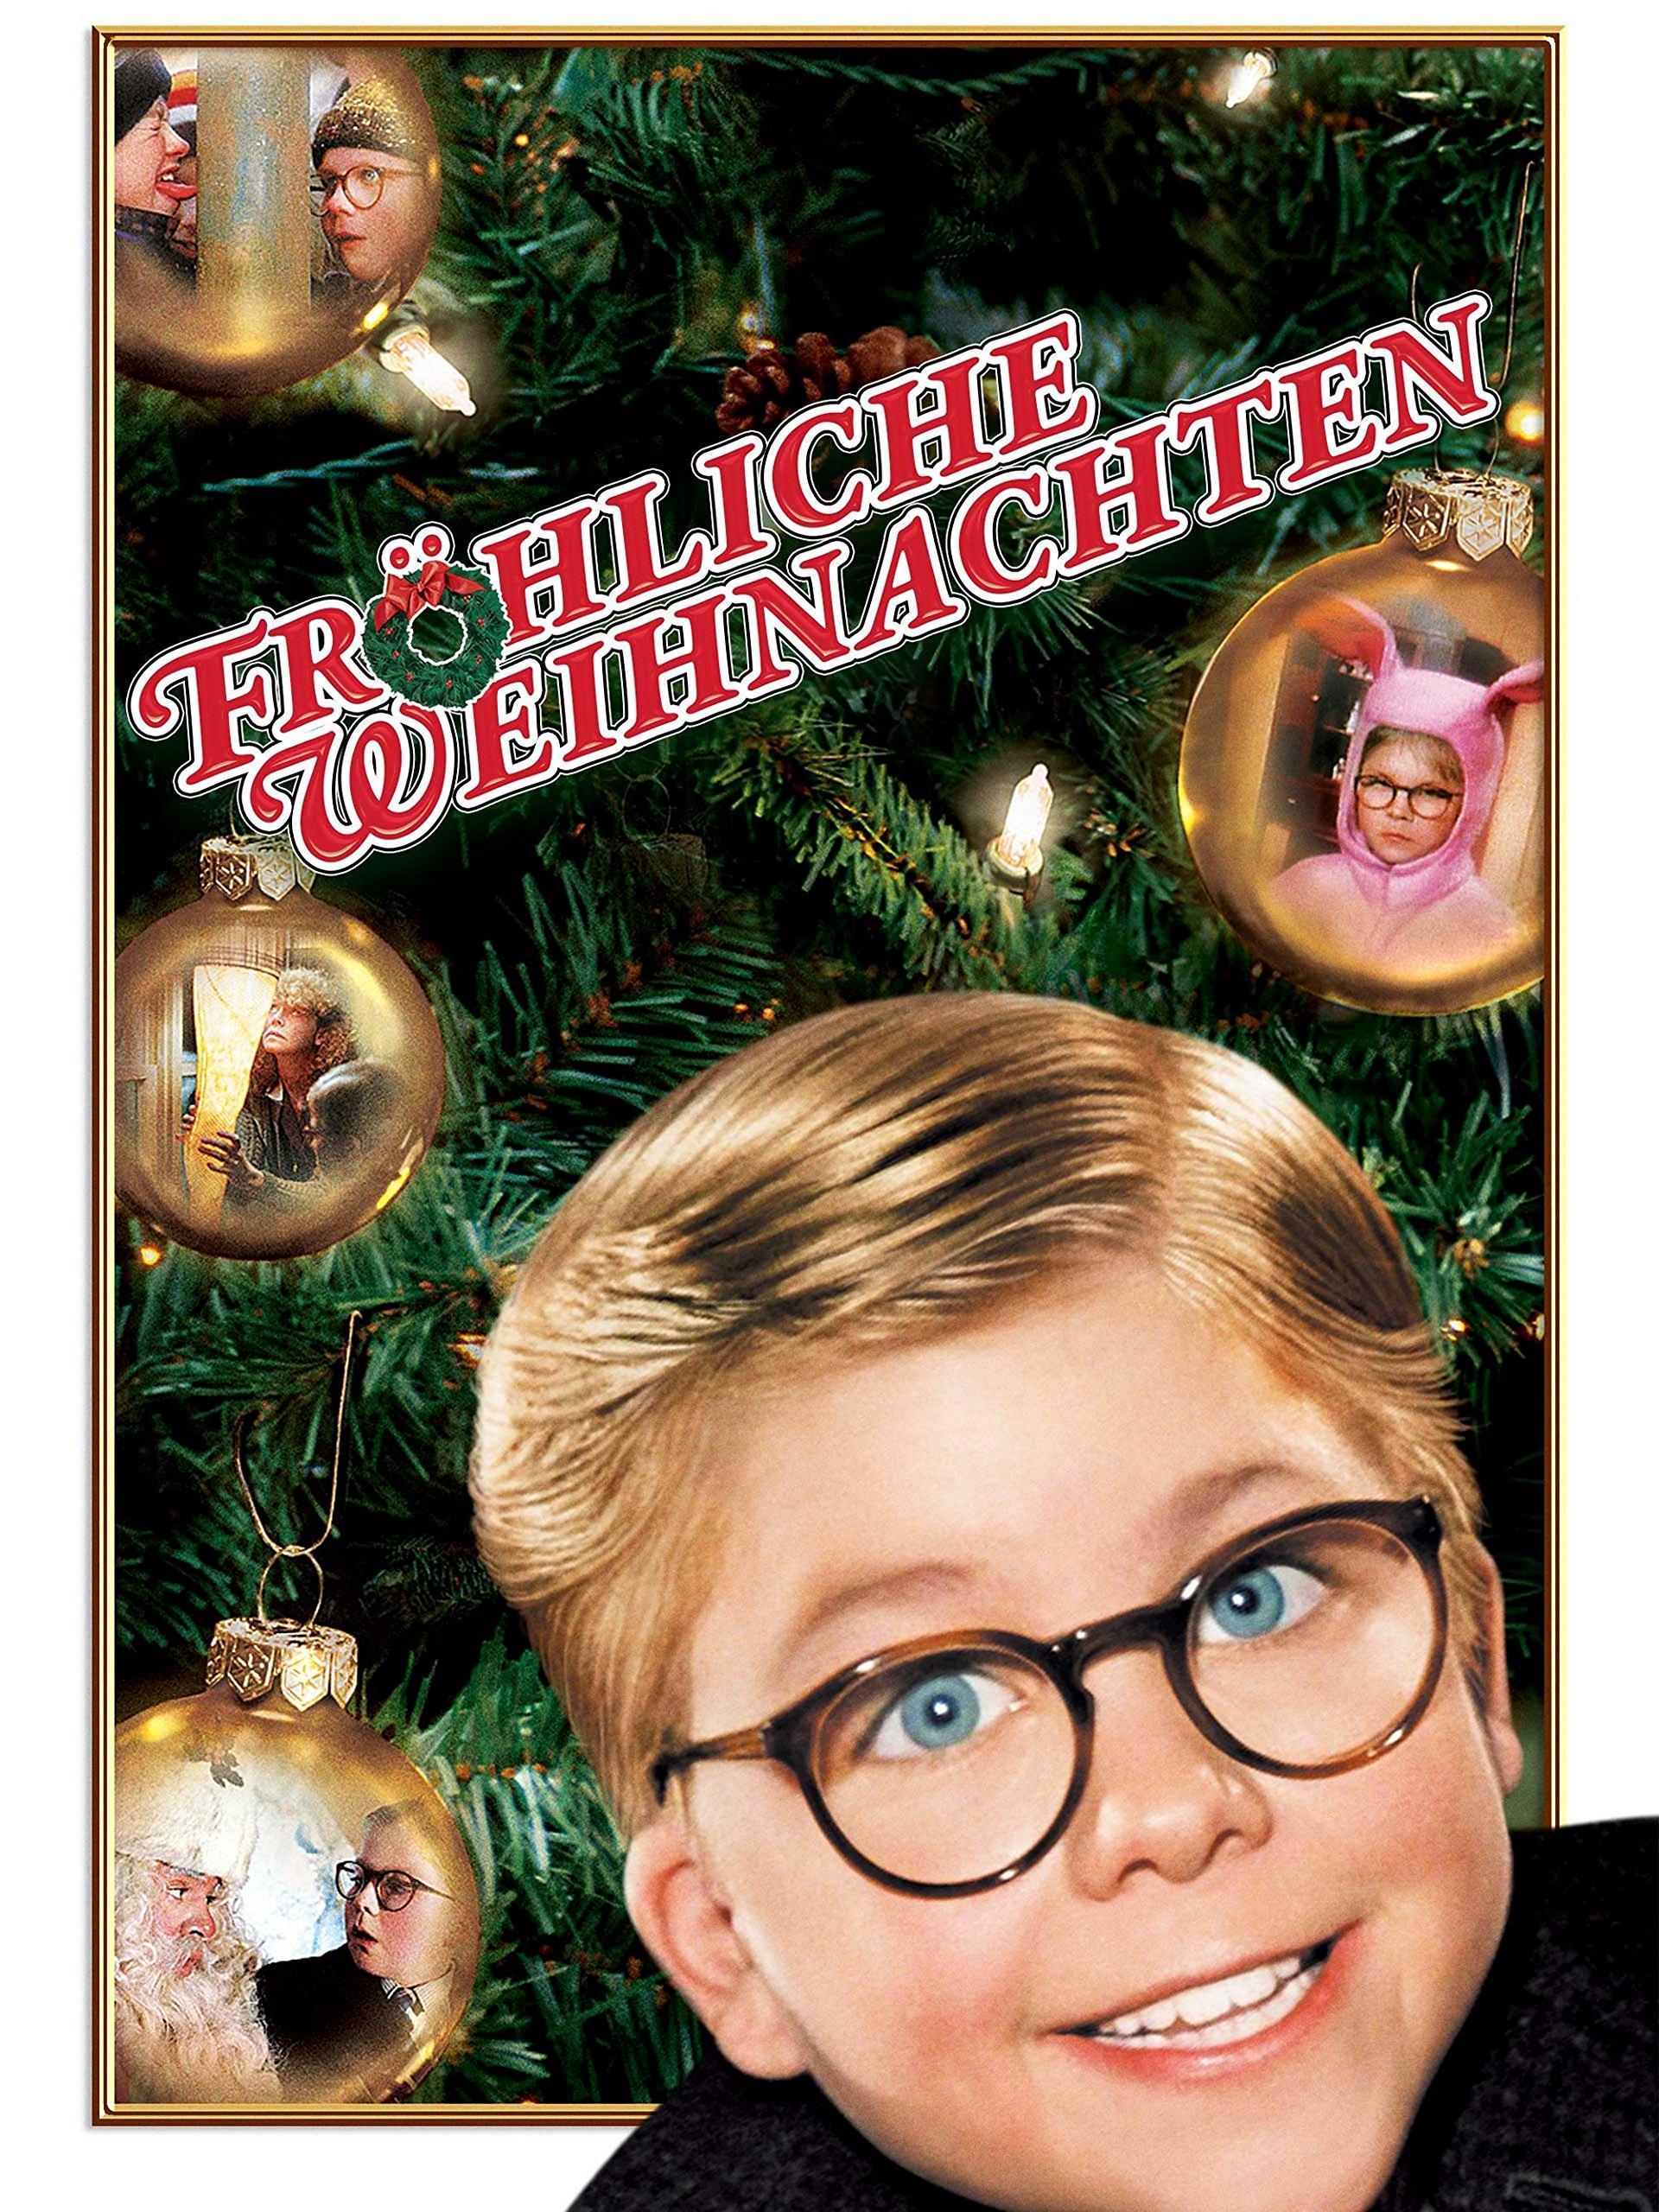 Frohe Weihnachten Film.Amazon De Fröhliche Weihnachten Ansehen Prime Video